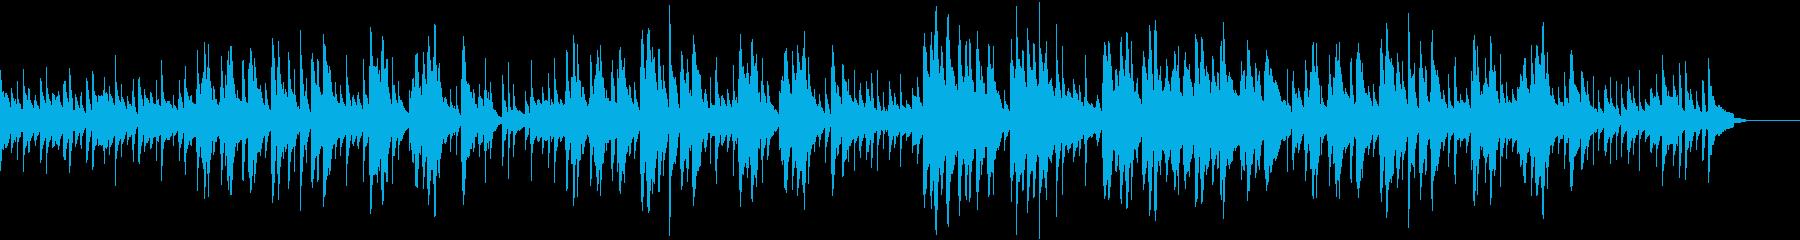 マリンバがまどろみを誘うボサノバの再生済みの波形